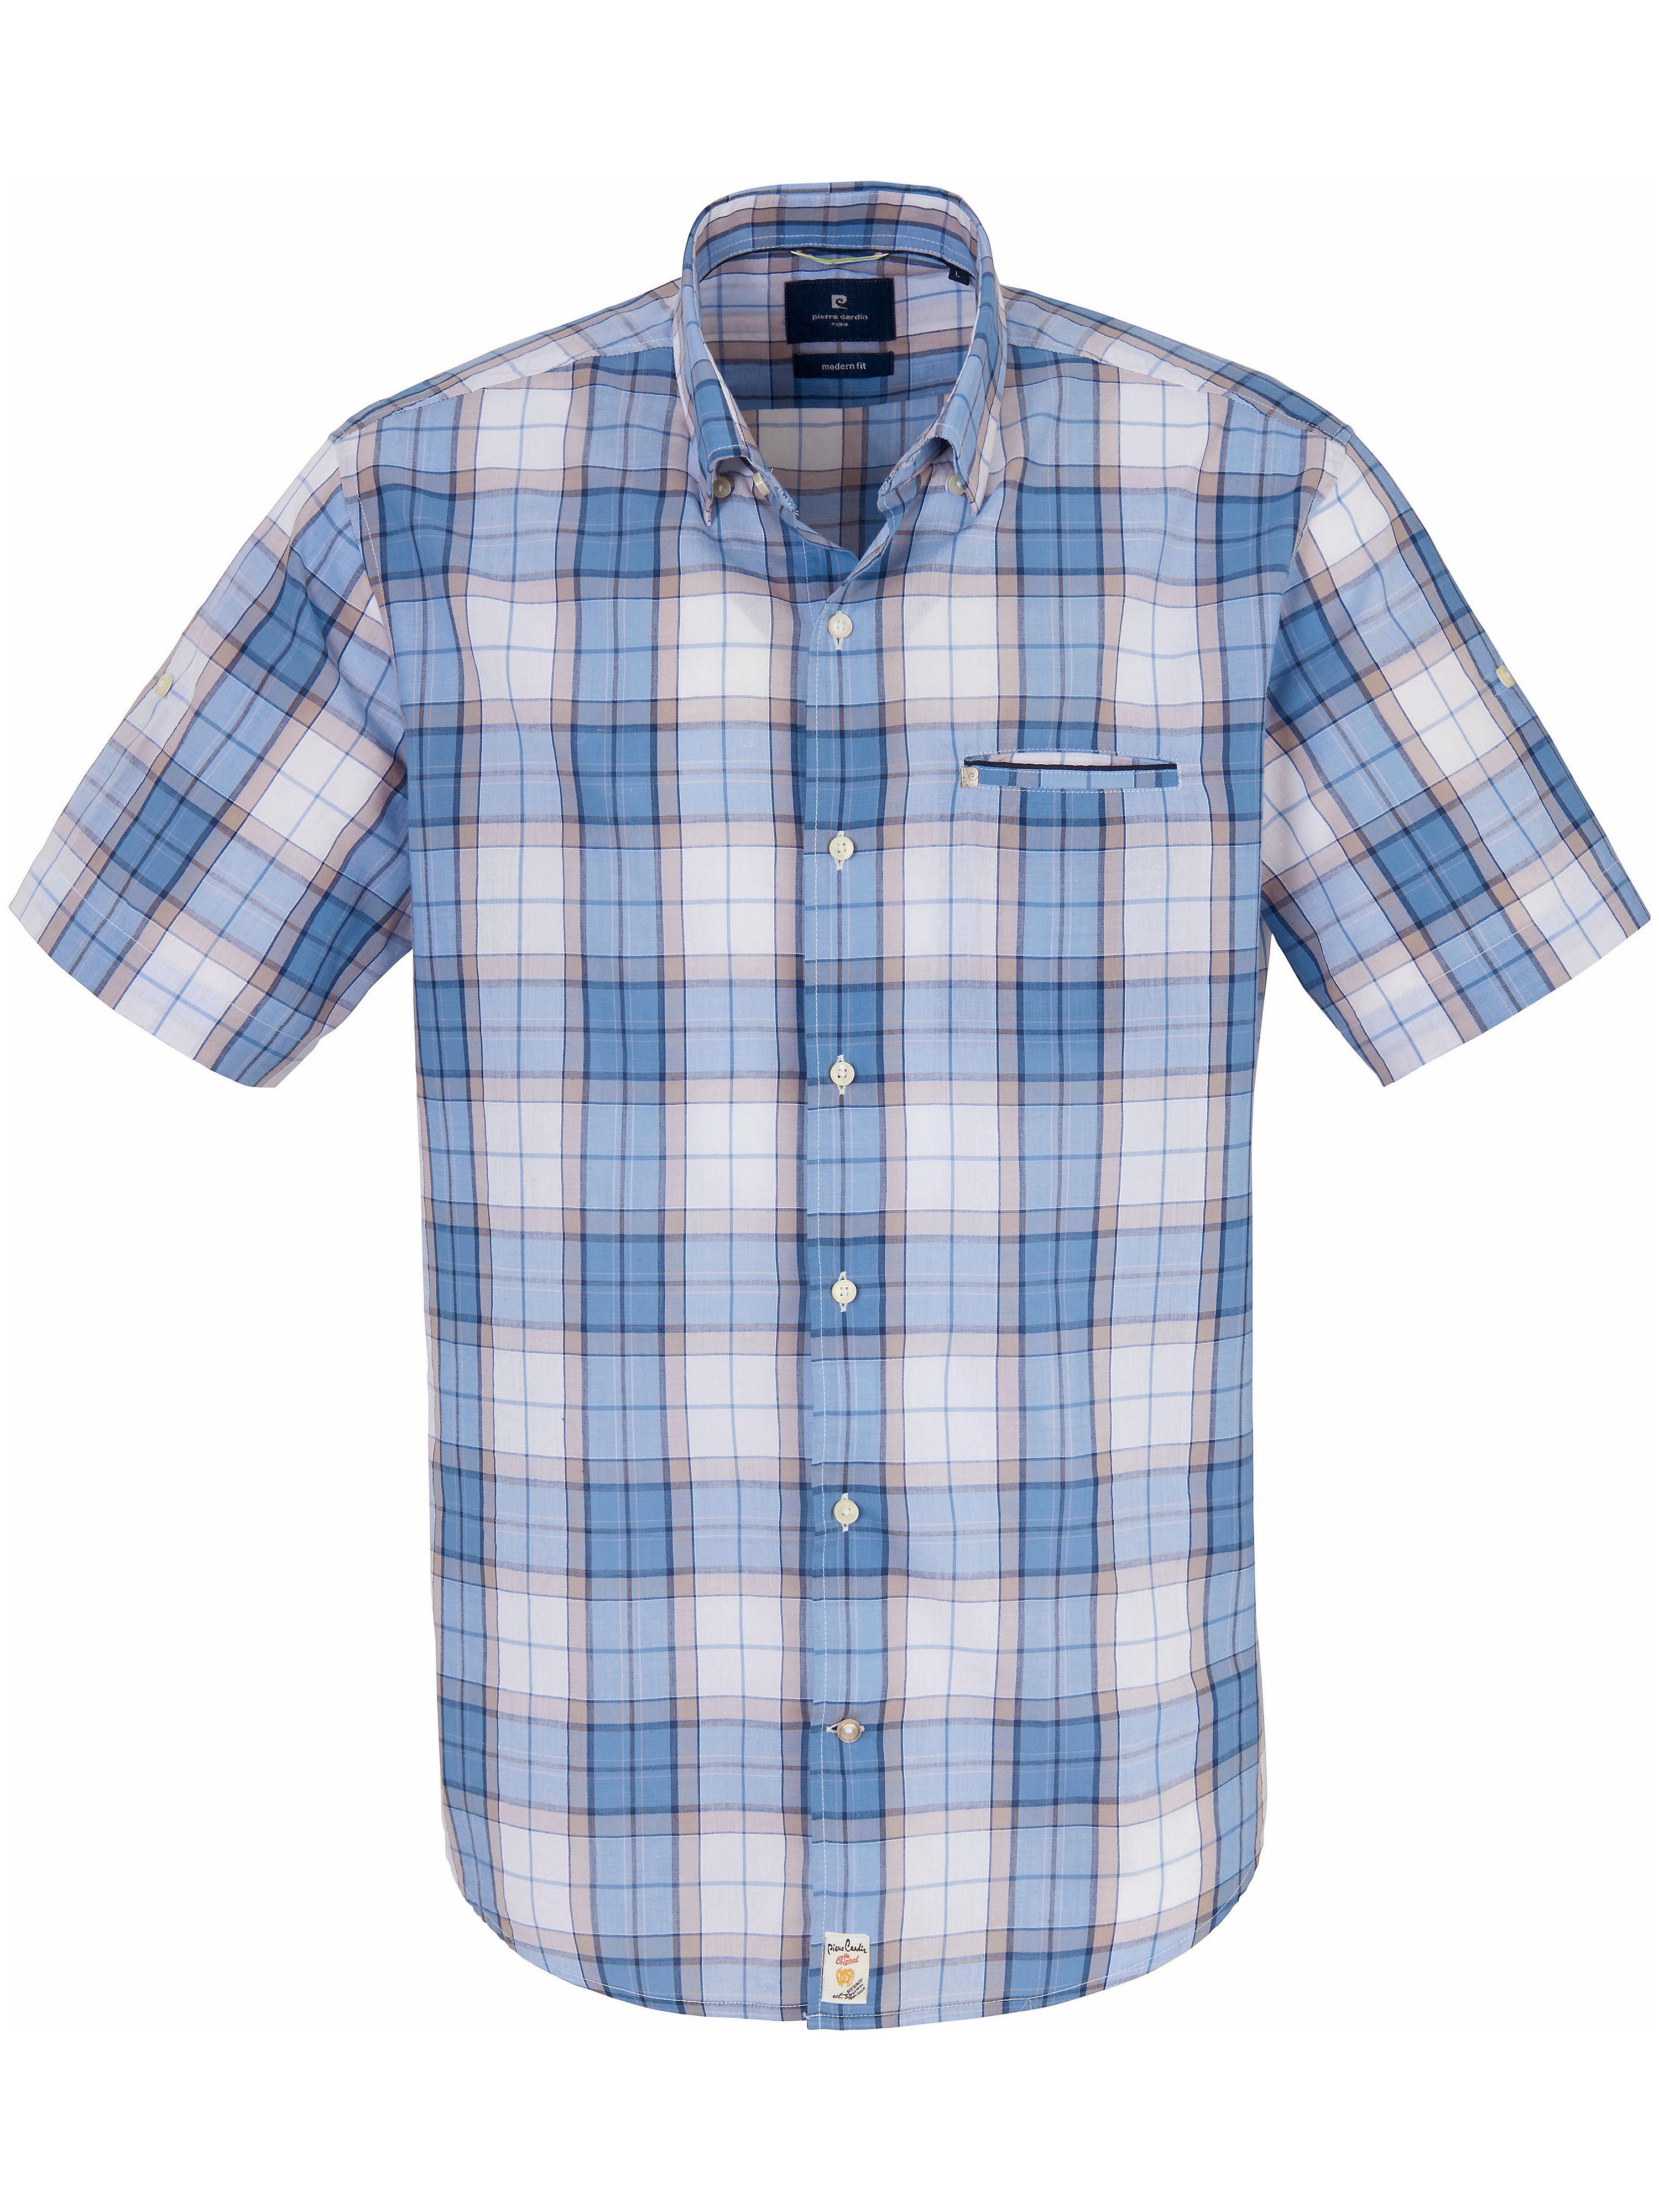 La chemise 100% coton manches courtes  Pierre Cardin bleu taille 45/46